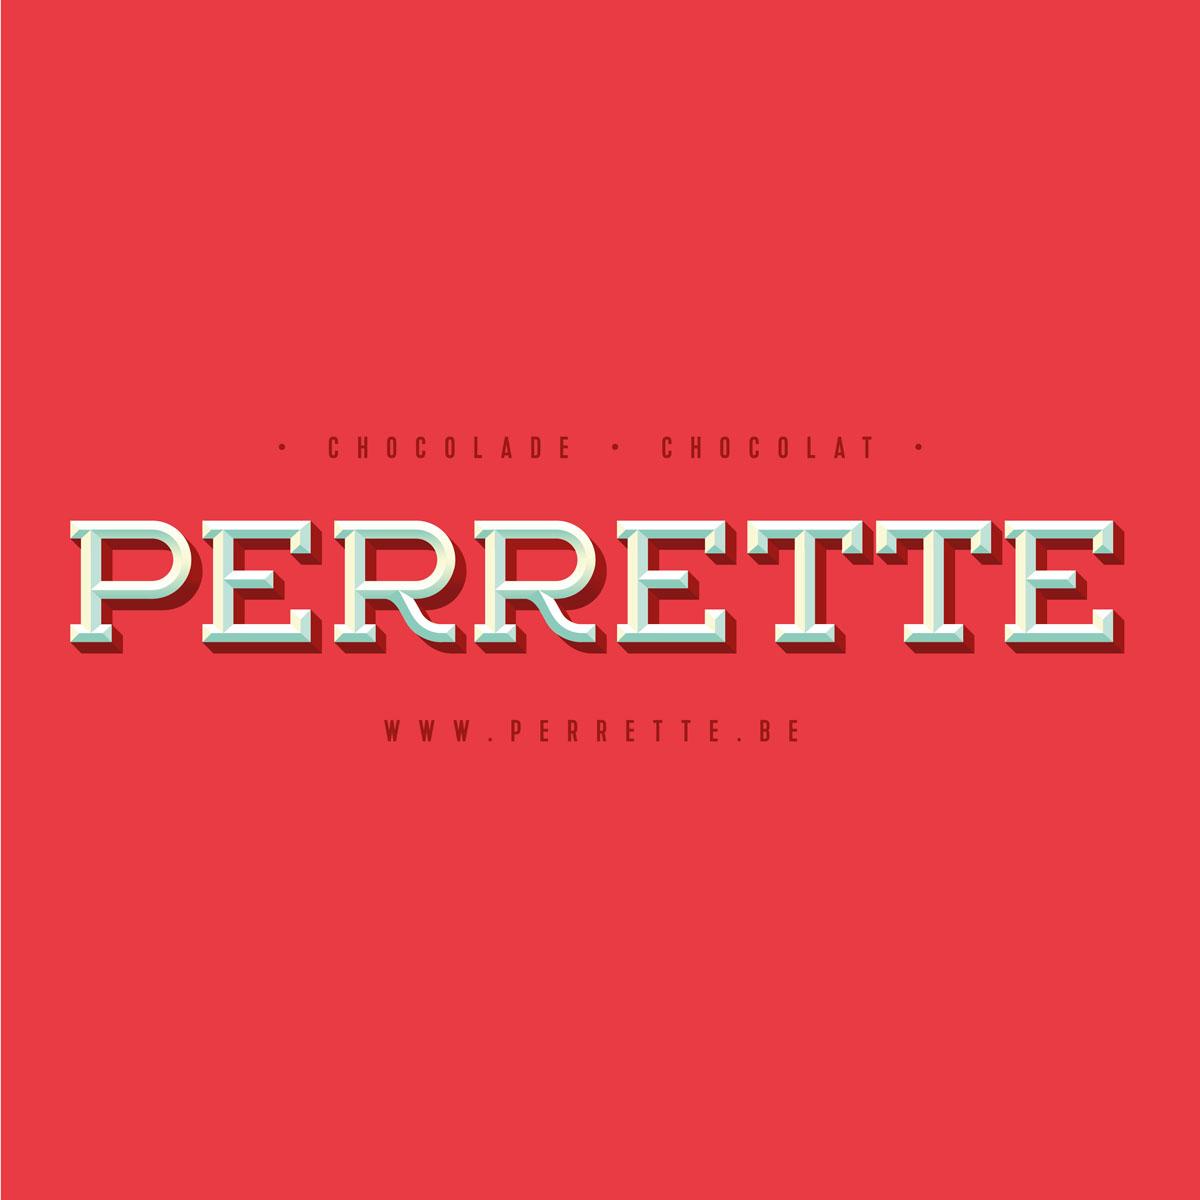 Perrette-logo©StudioPieterBoels_1.jpg